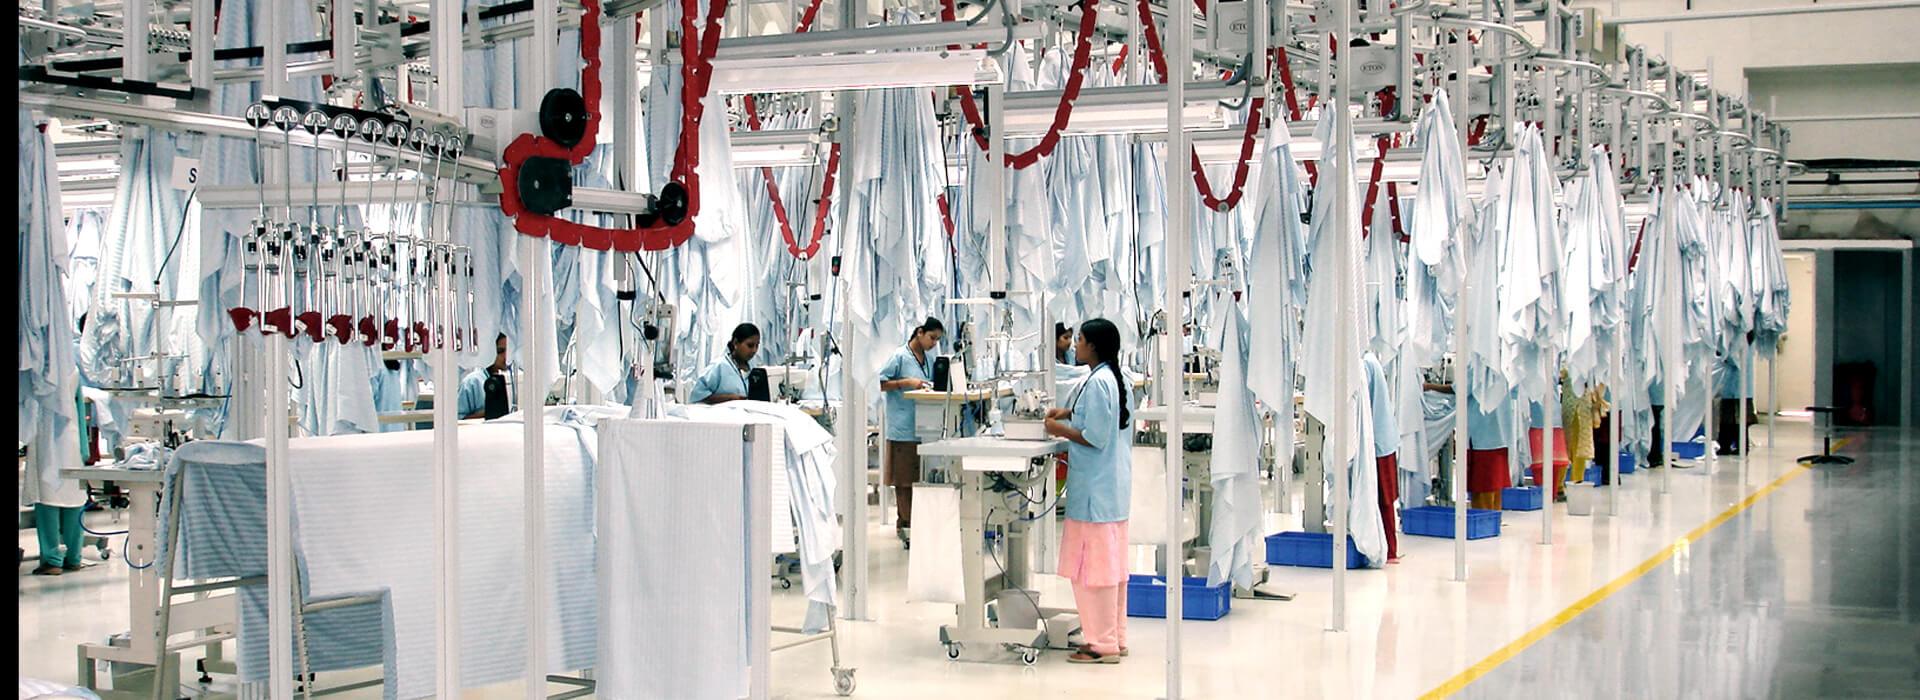 eton-systems_case_himatsingka-organized-factory-india